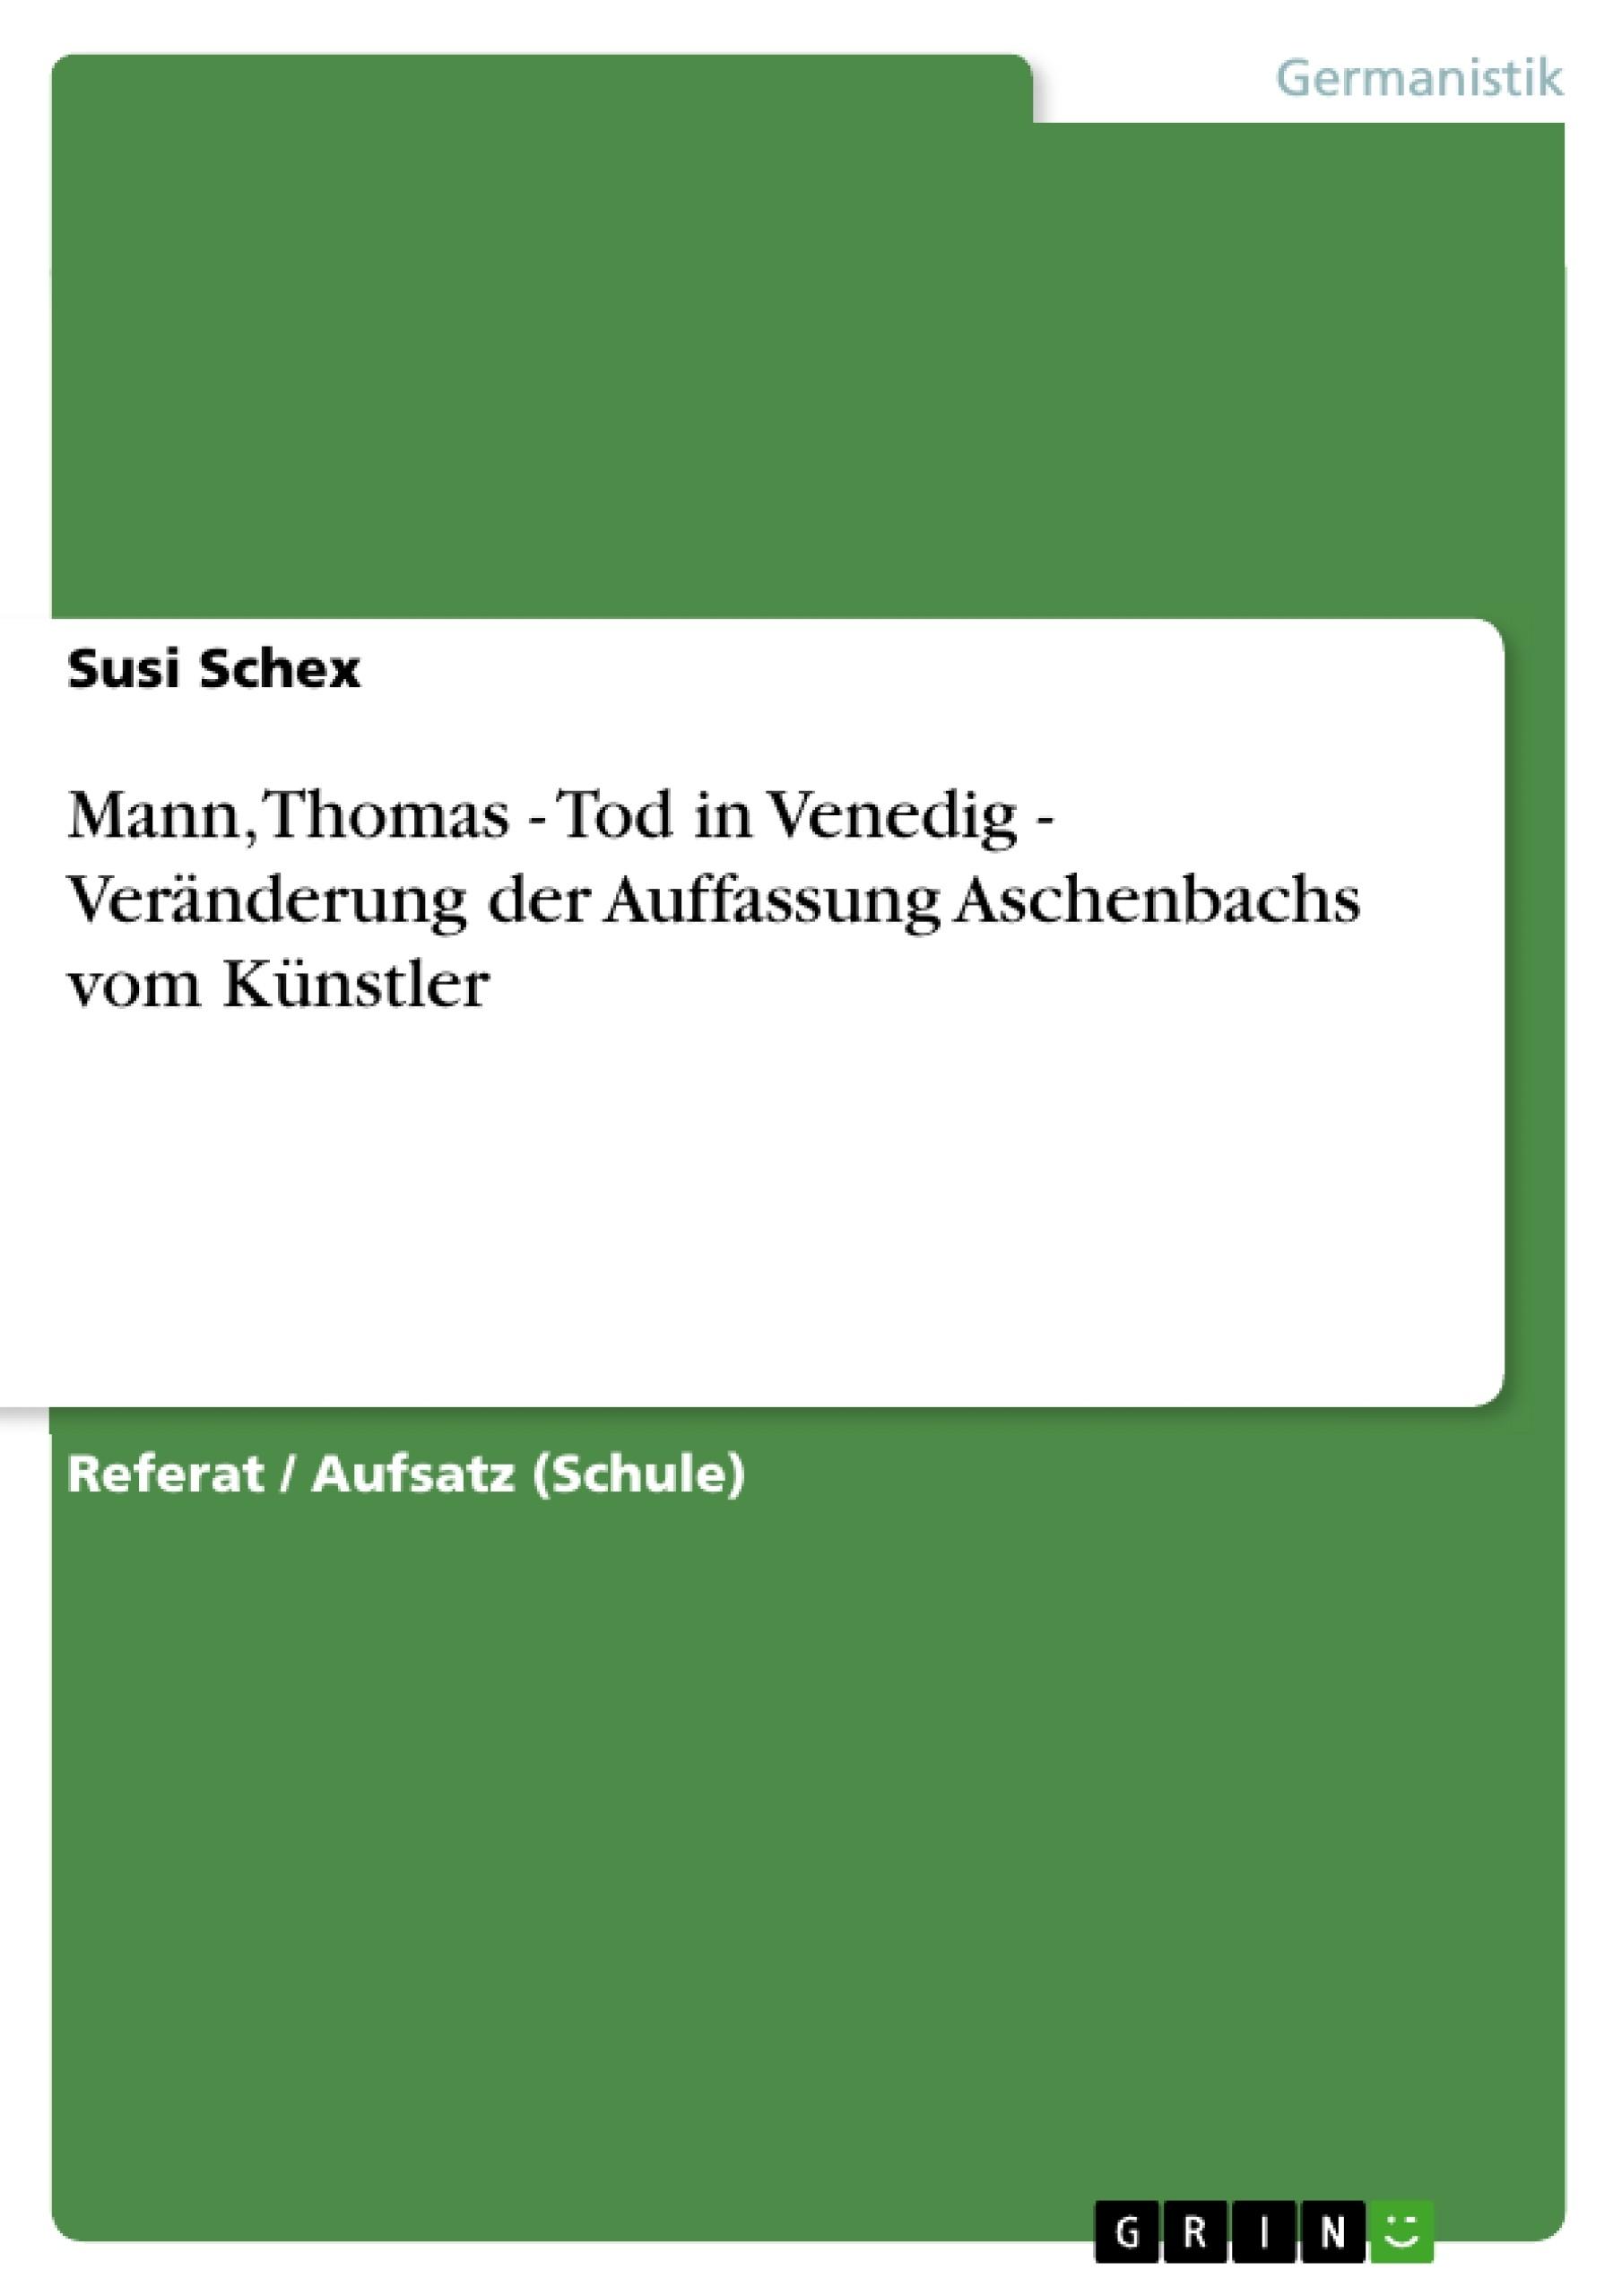 Titel: Mann, Thomas - Tod in Venedig - Veränderung der Auffassung Aschenbachs vom Künstler